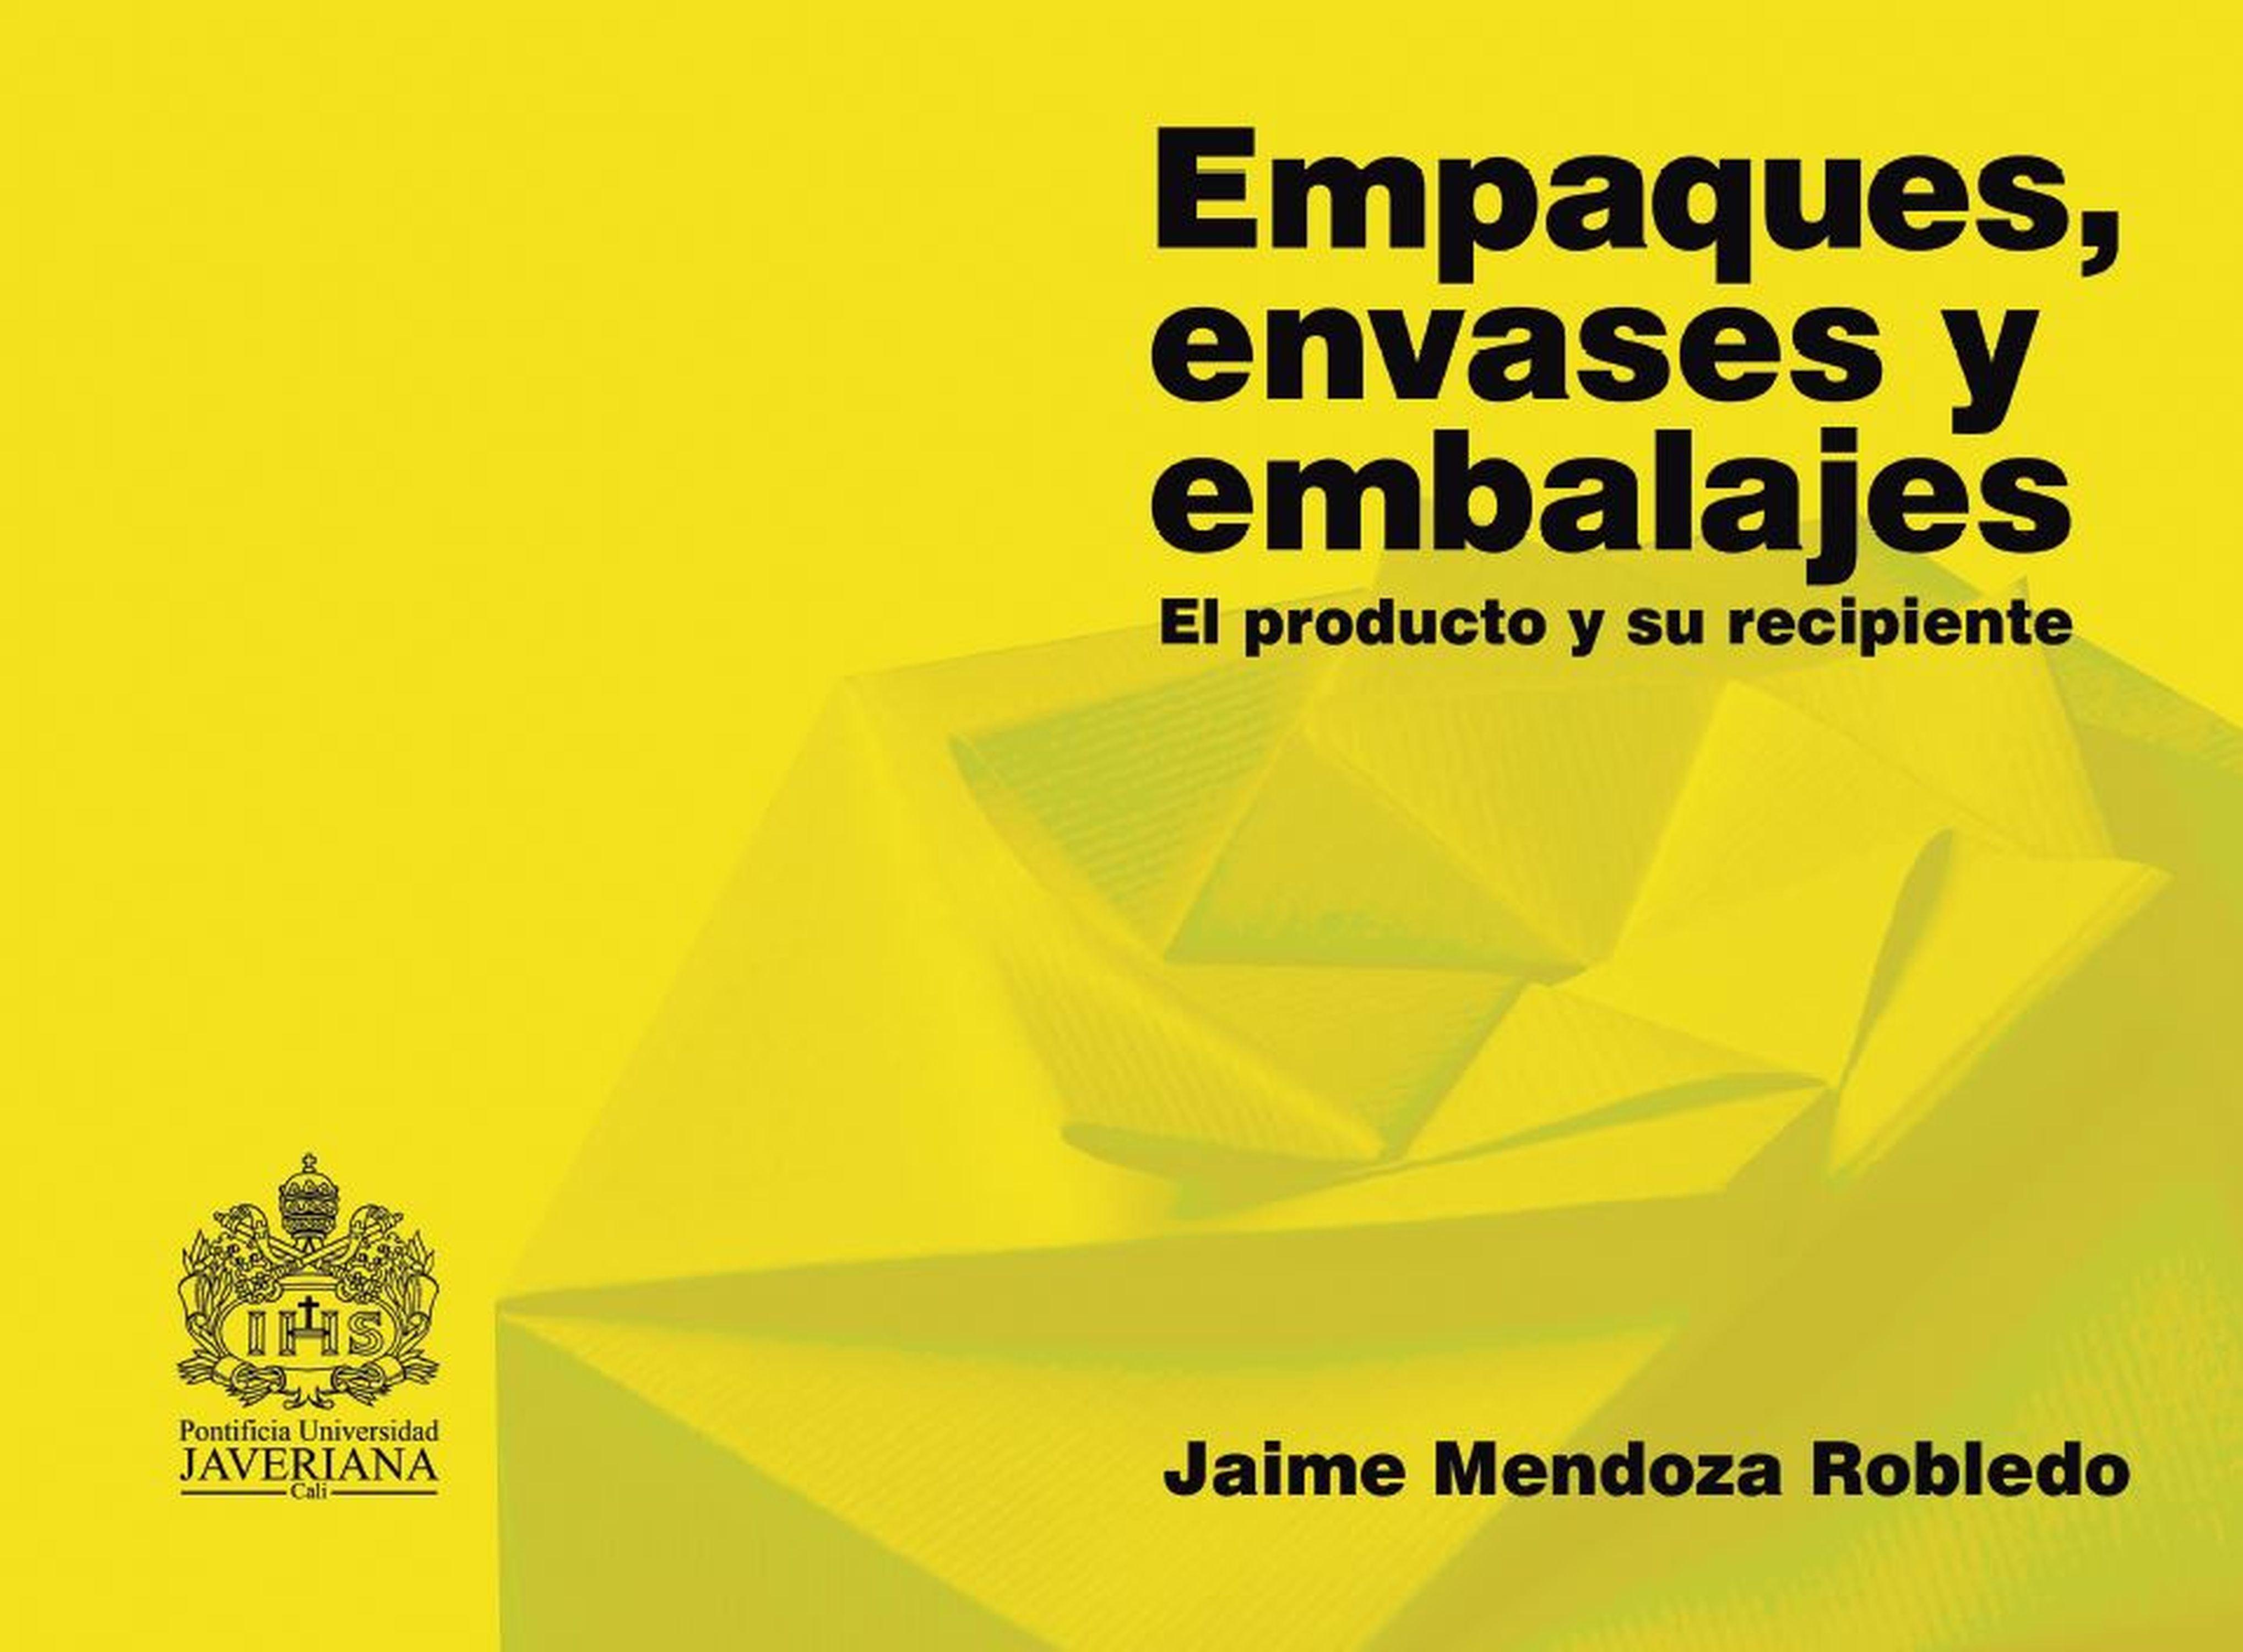 Jaime Mendoza Robledo Empaques, envases y embalajes mendoza mendoza рюкзак для подростков этника черно оранжевый